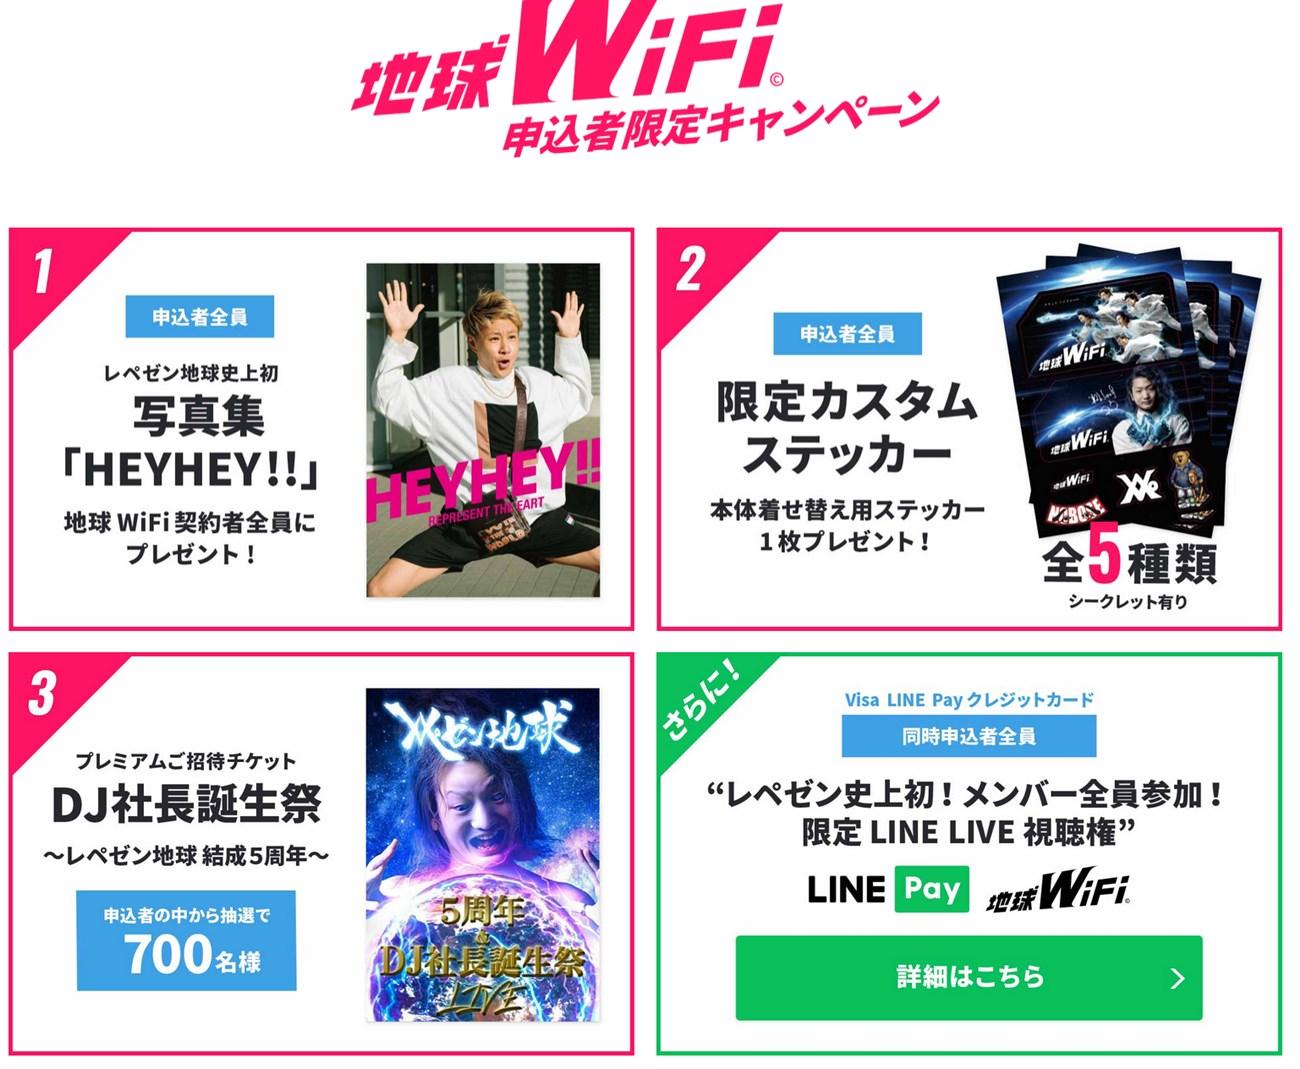 地球WiFiのレペゼン地球に関する特典